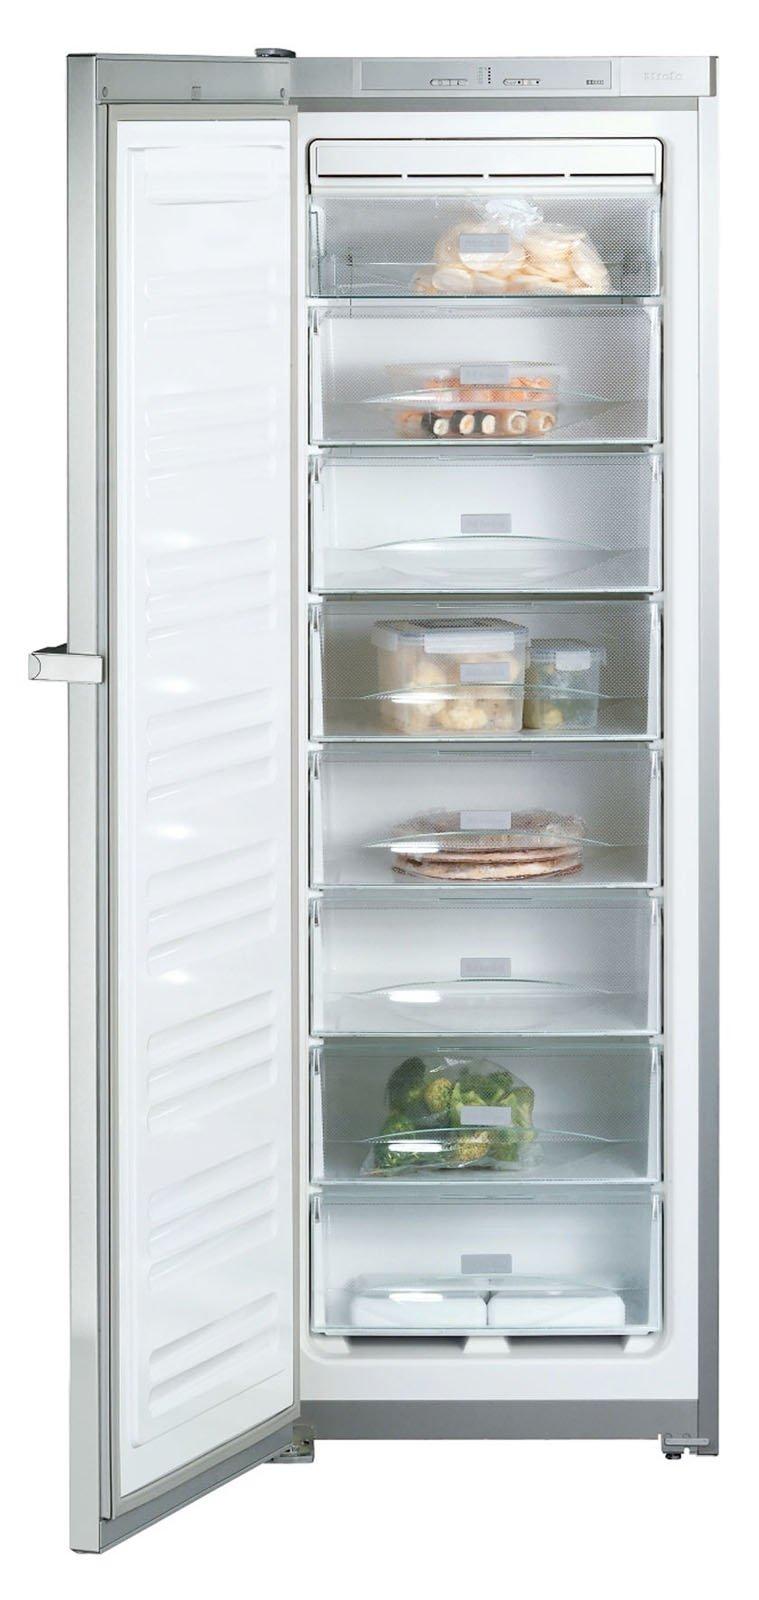 Congelatori da affiancare al frigo cose di casa for Congelatore verticale a